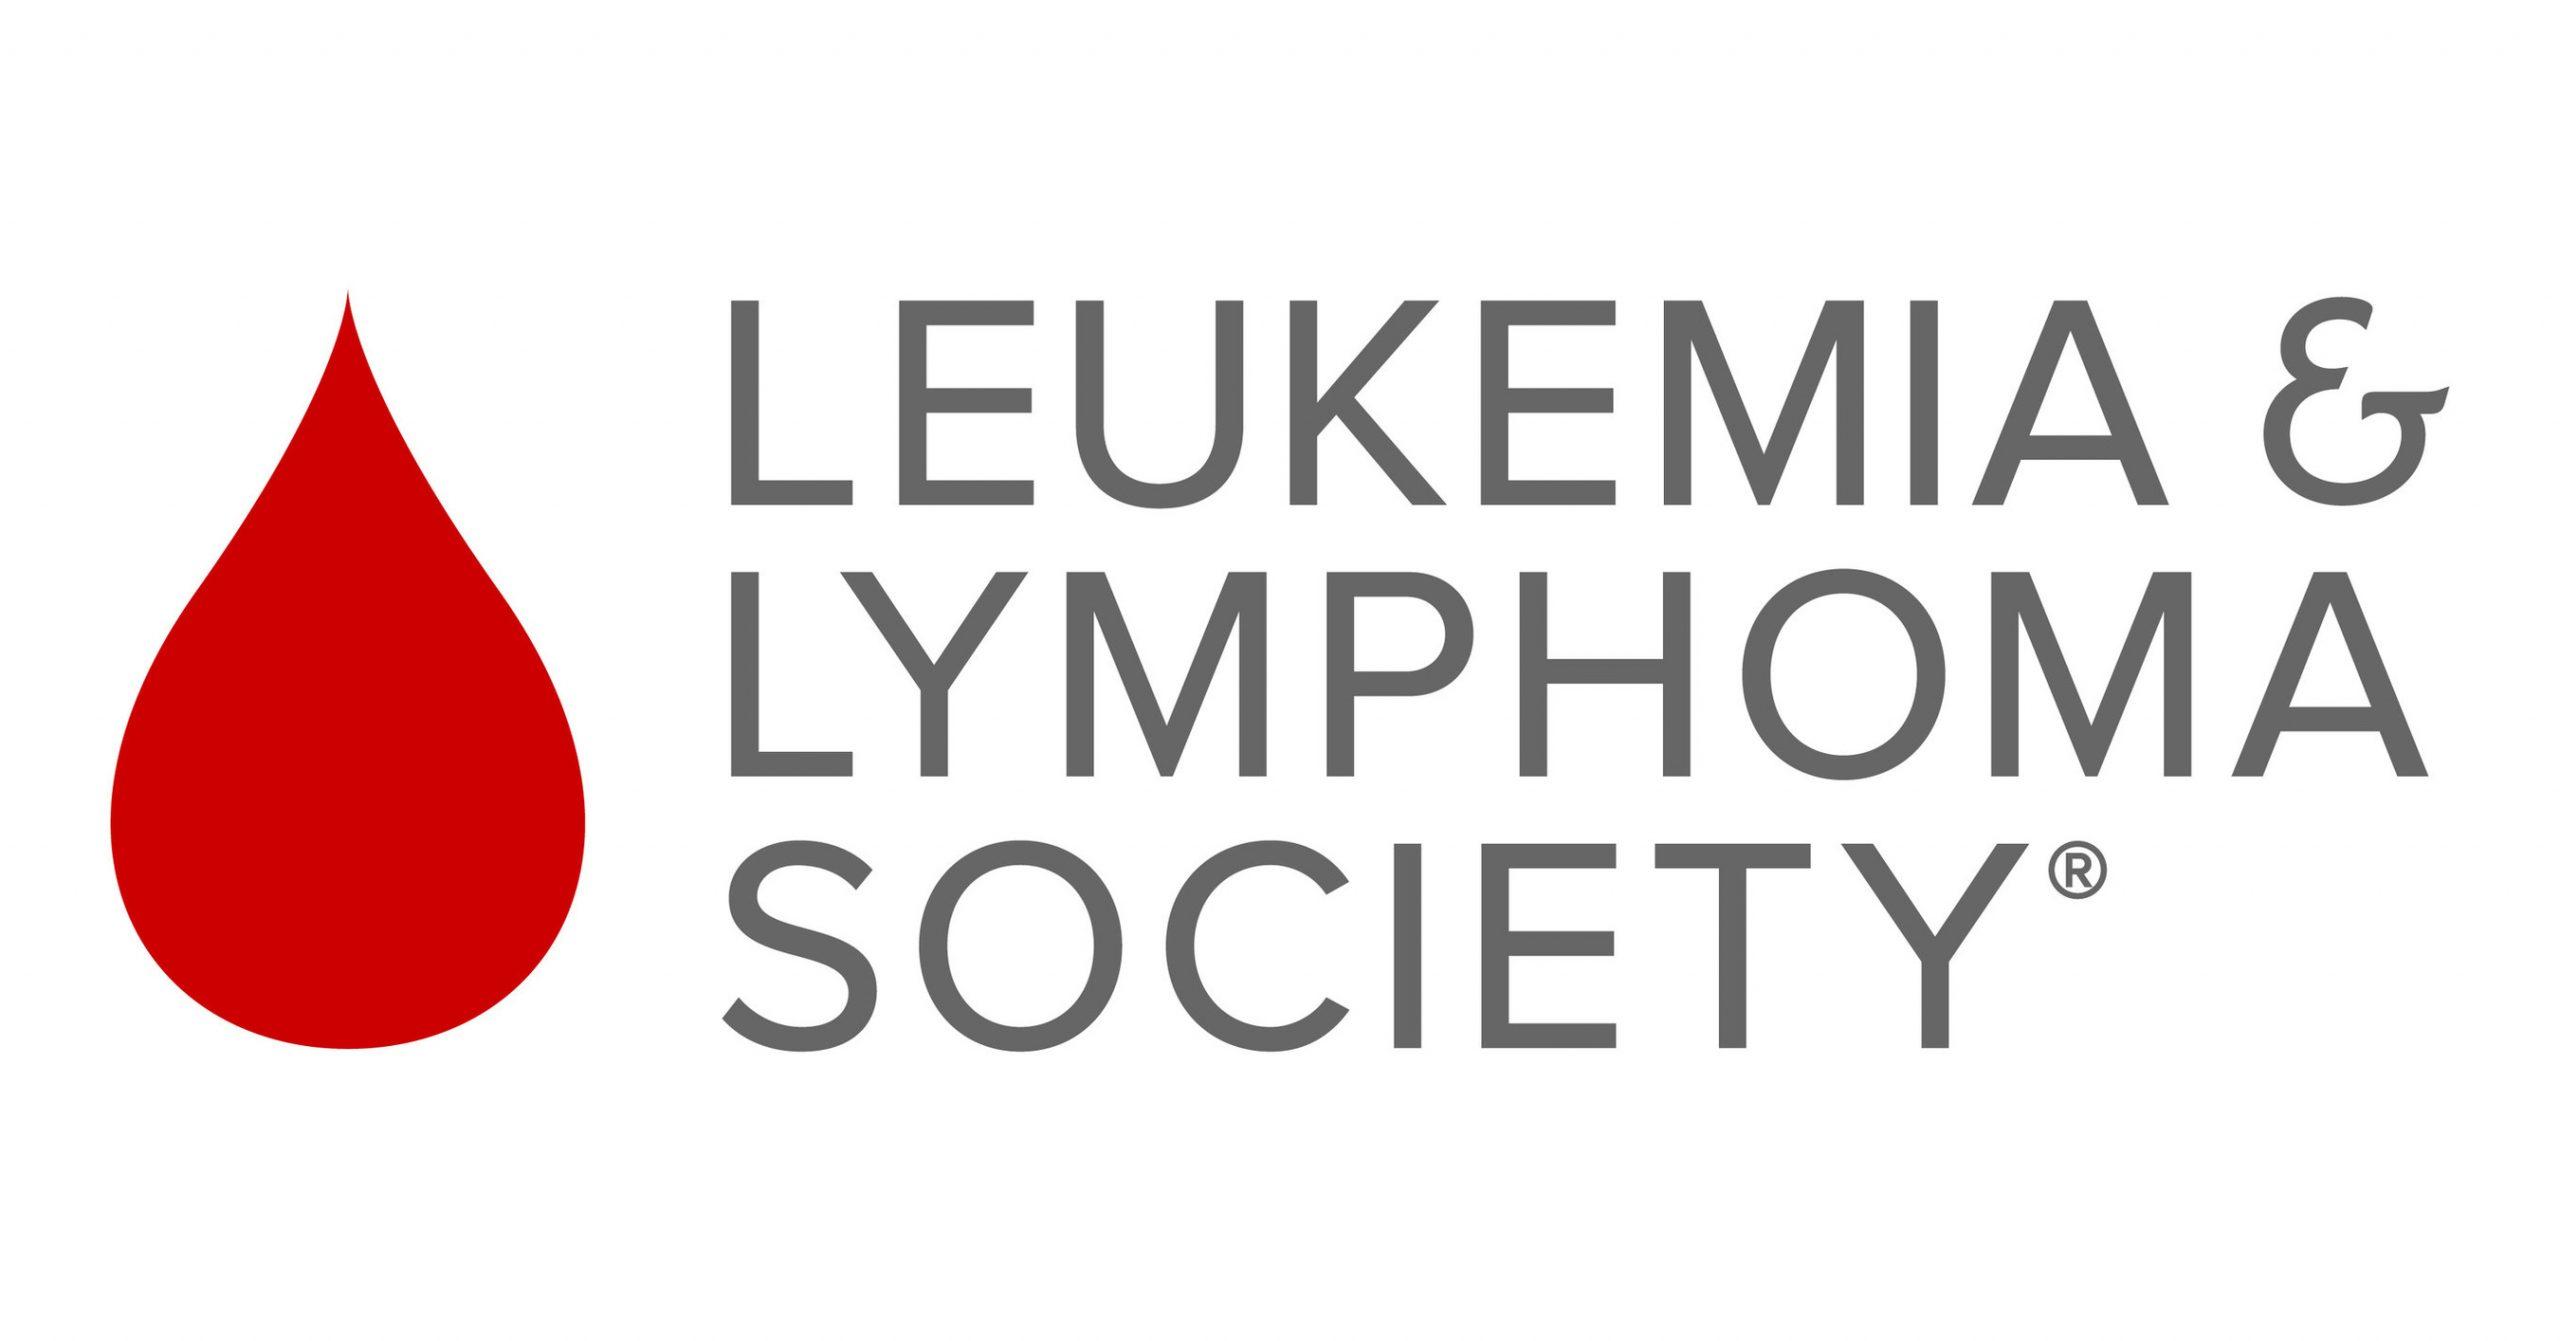 https://onceuponacoconut.com/wp-content/uploads/2020/07/Leukemia-Lymphoma-scaled.jpeg